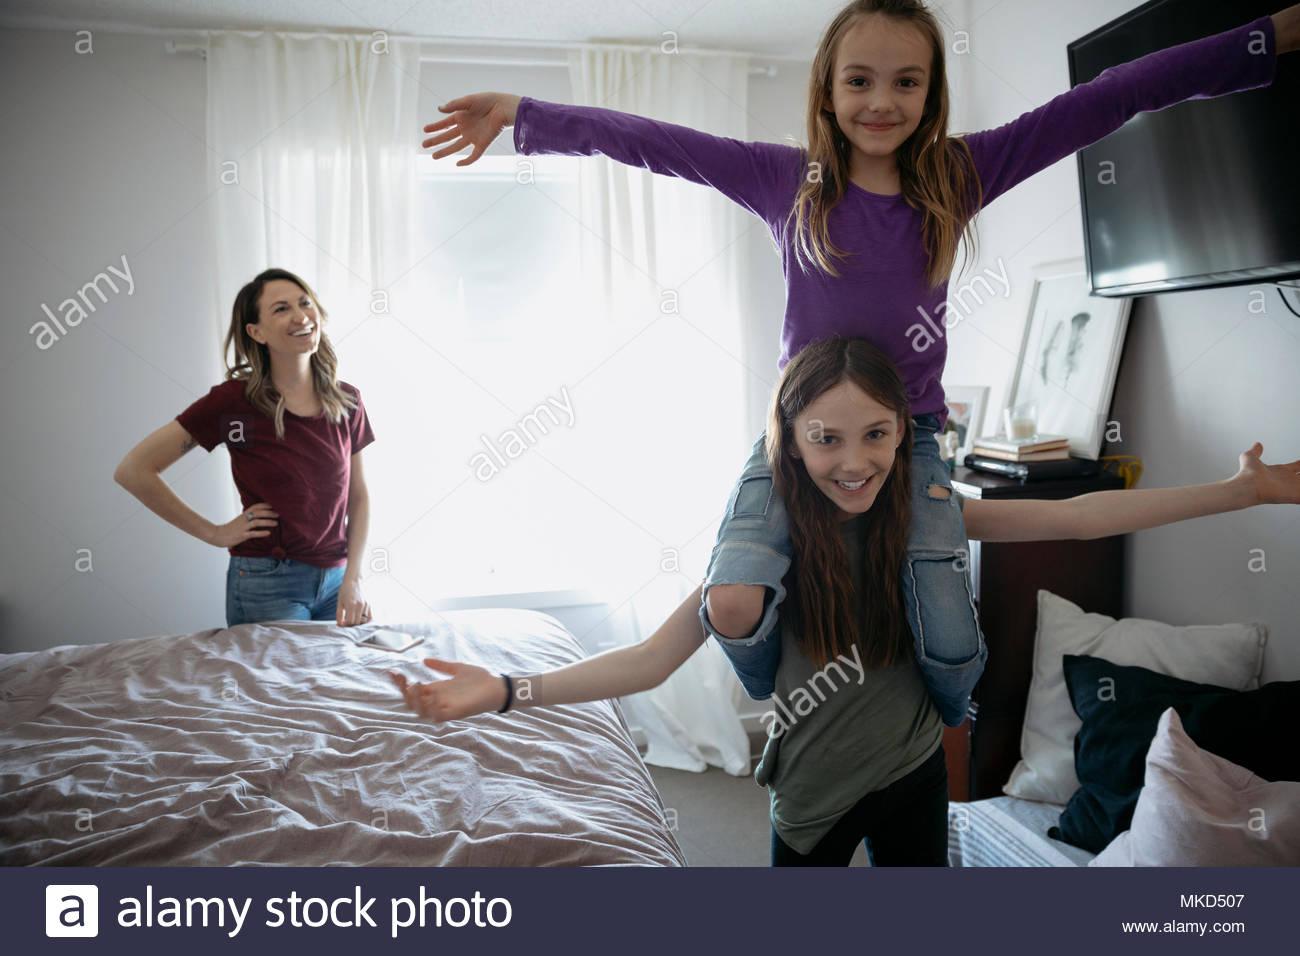 Ritratto giocoso ragazza sorella portando sulle spalle in camera da letto Immagini Stock